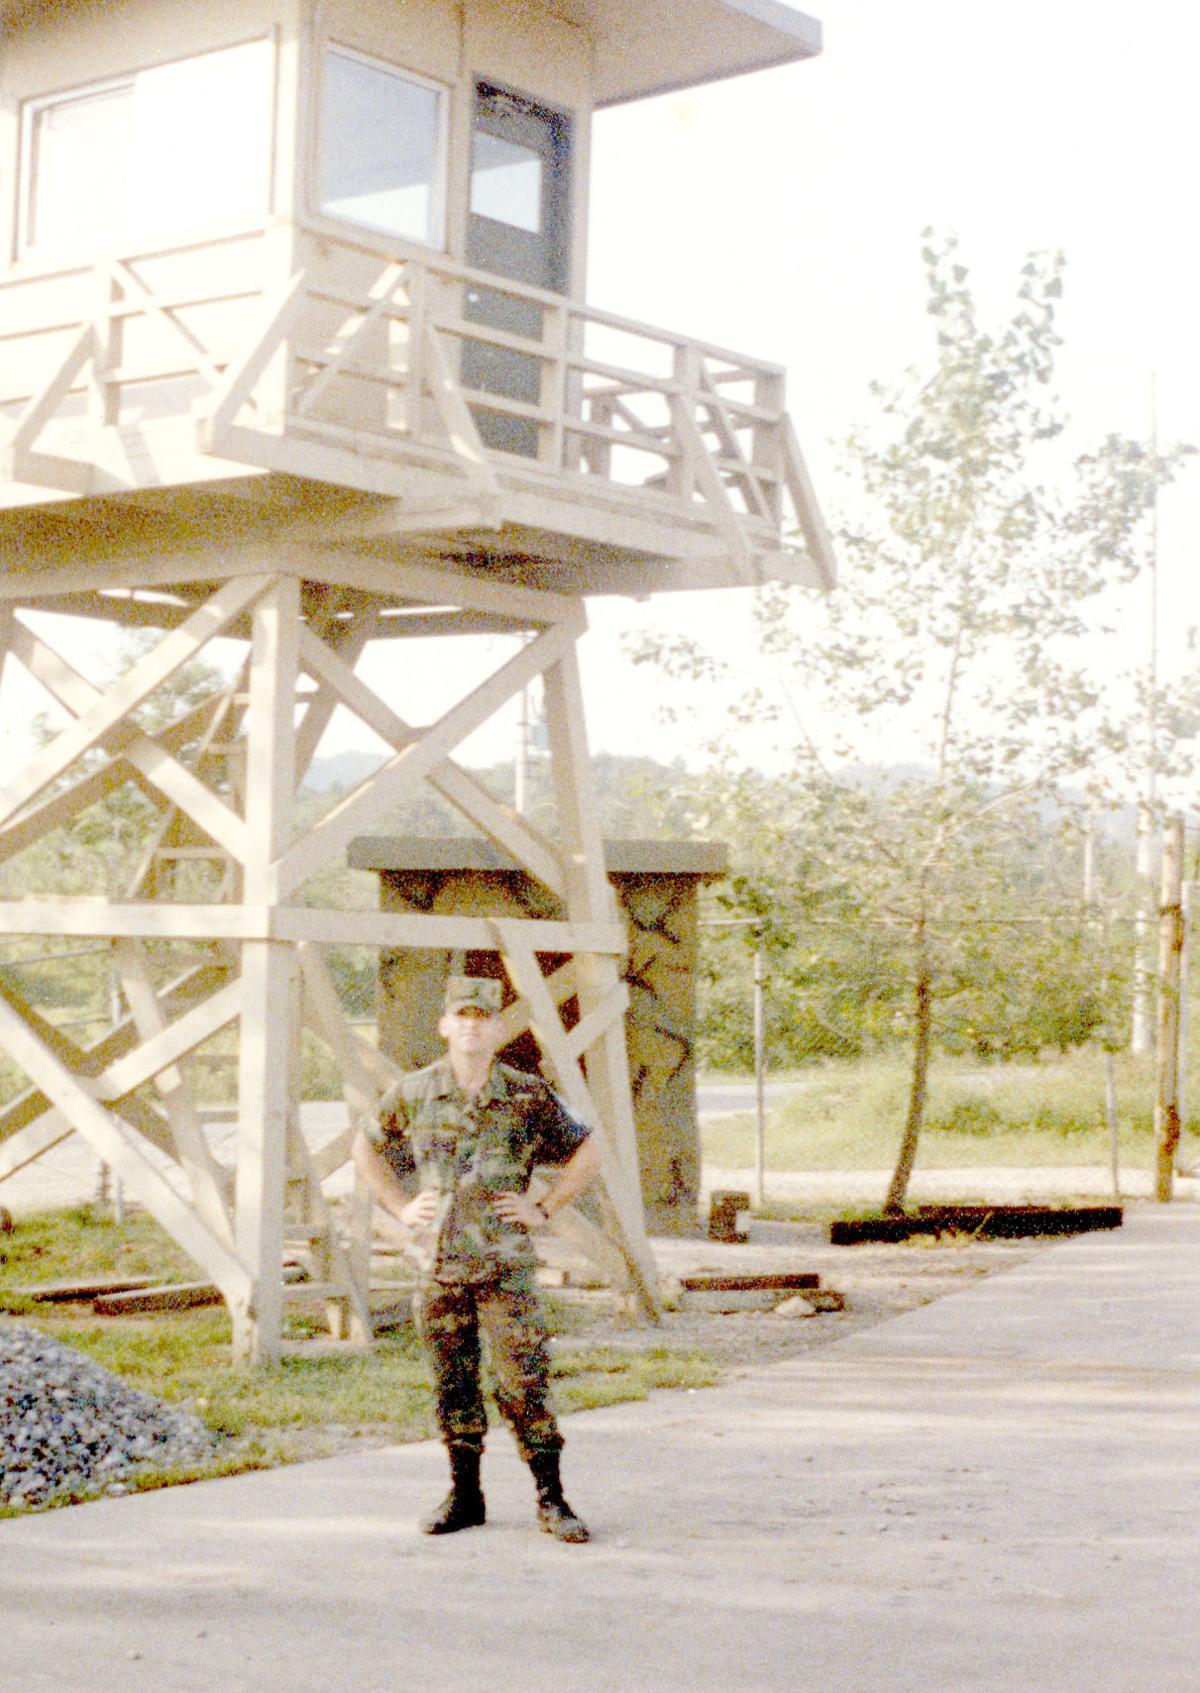 U.S. Army Veteran Joe Vonderheide